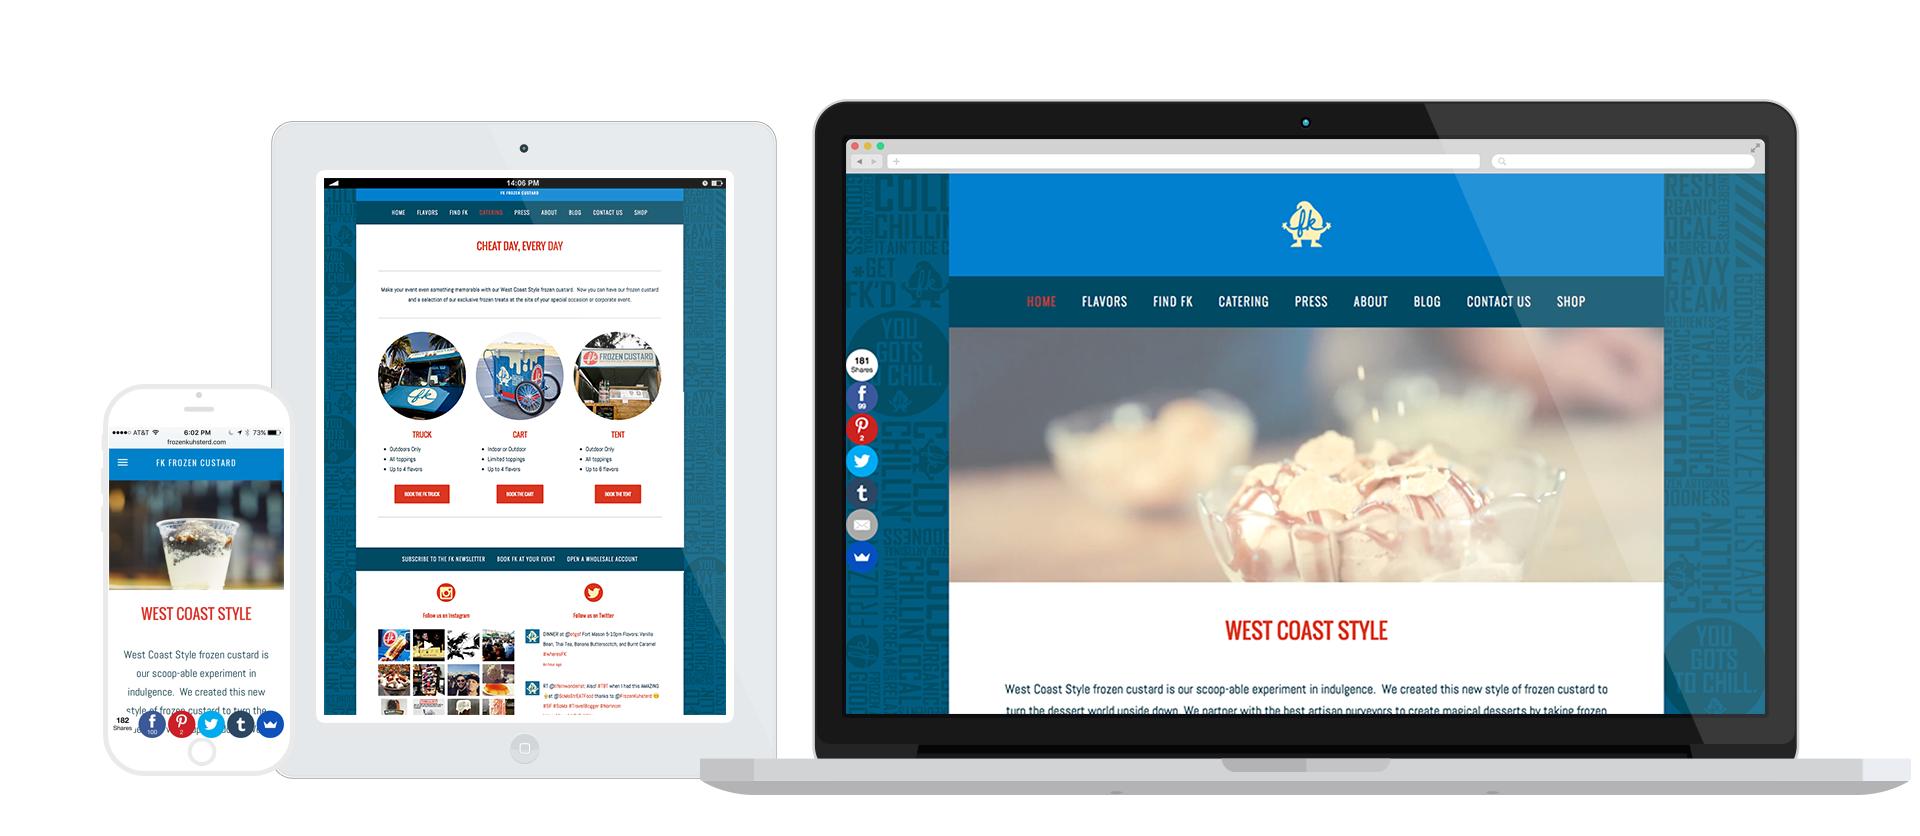 fk-new-website-0.jpg